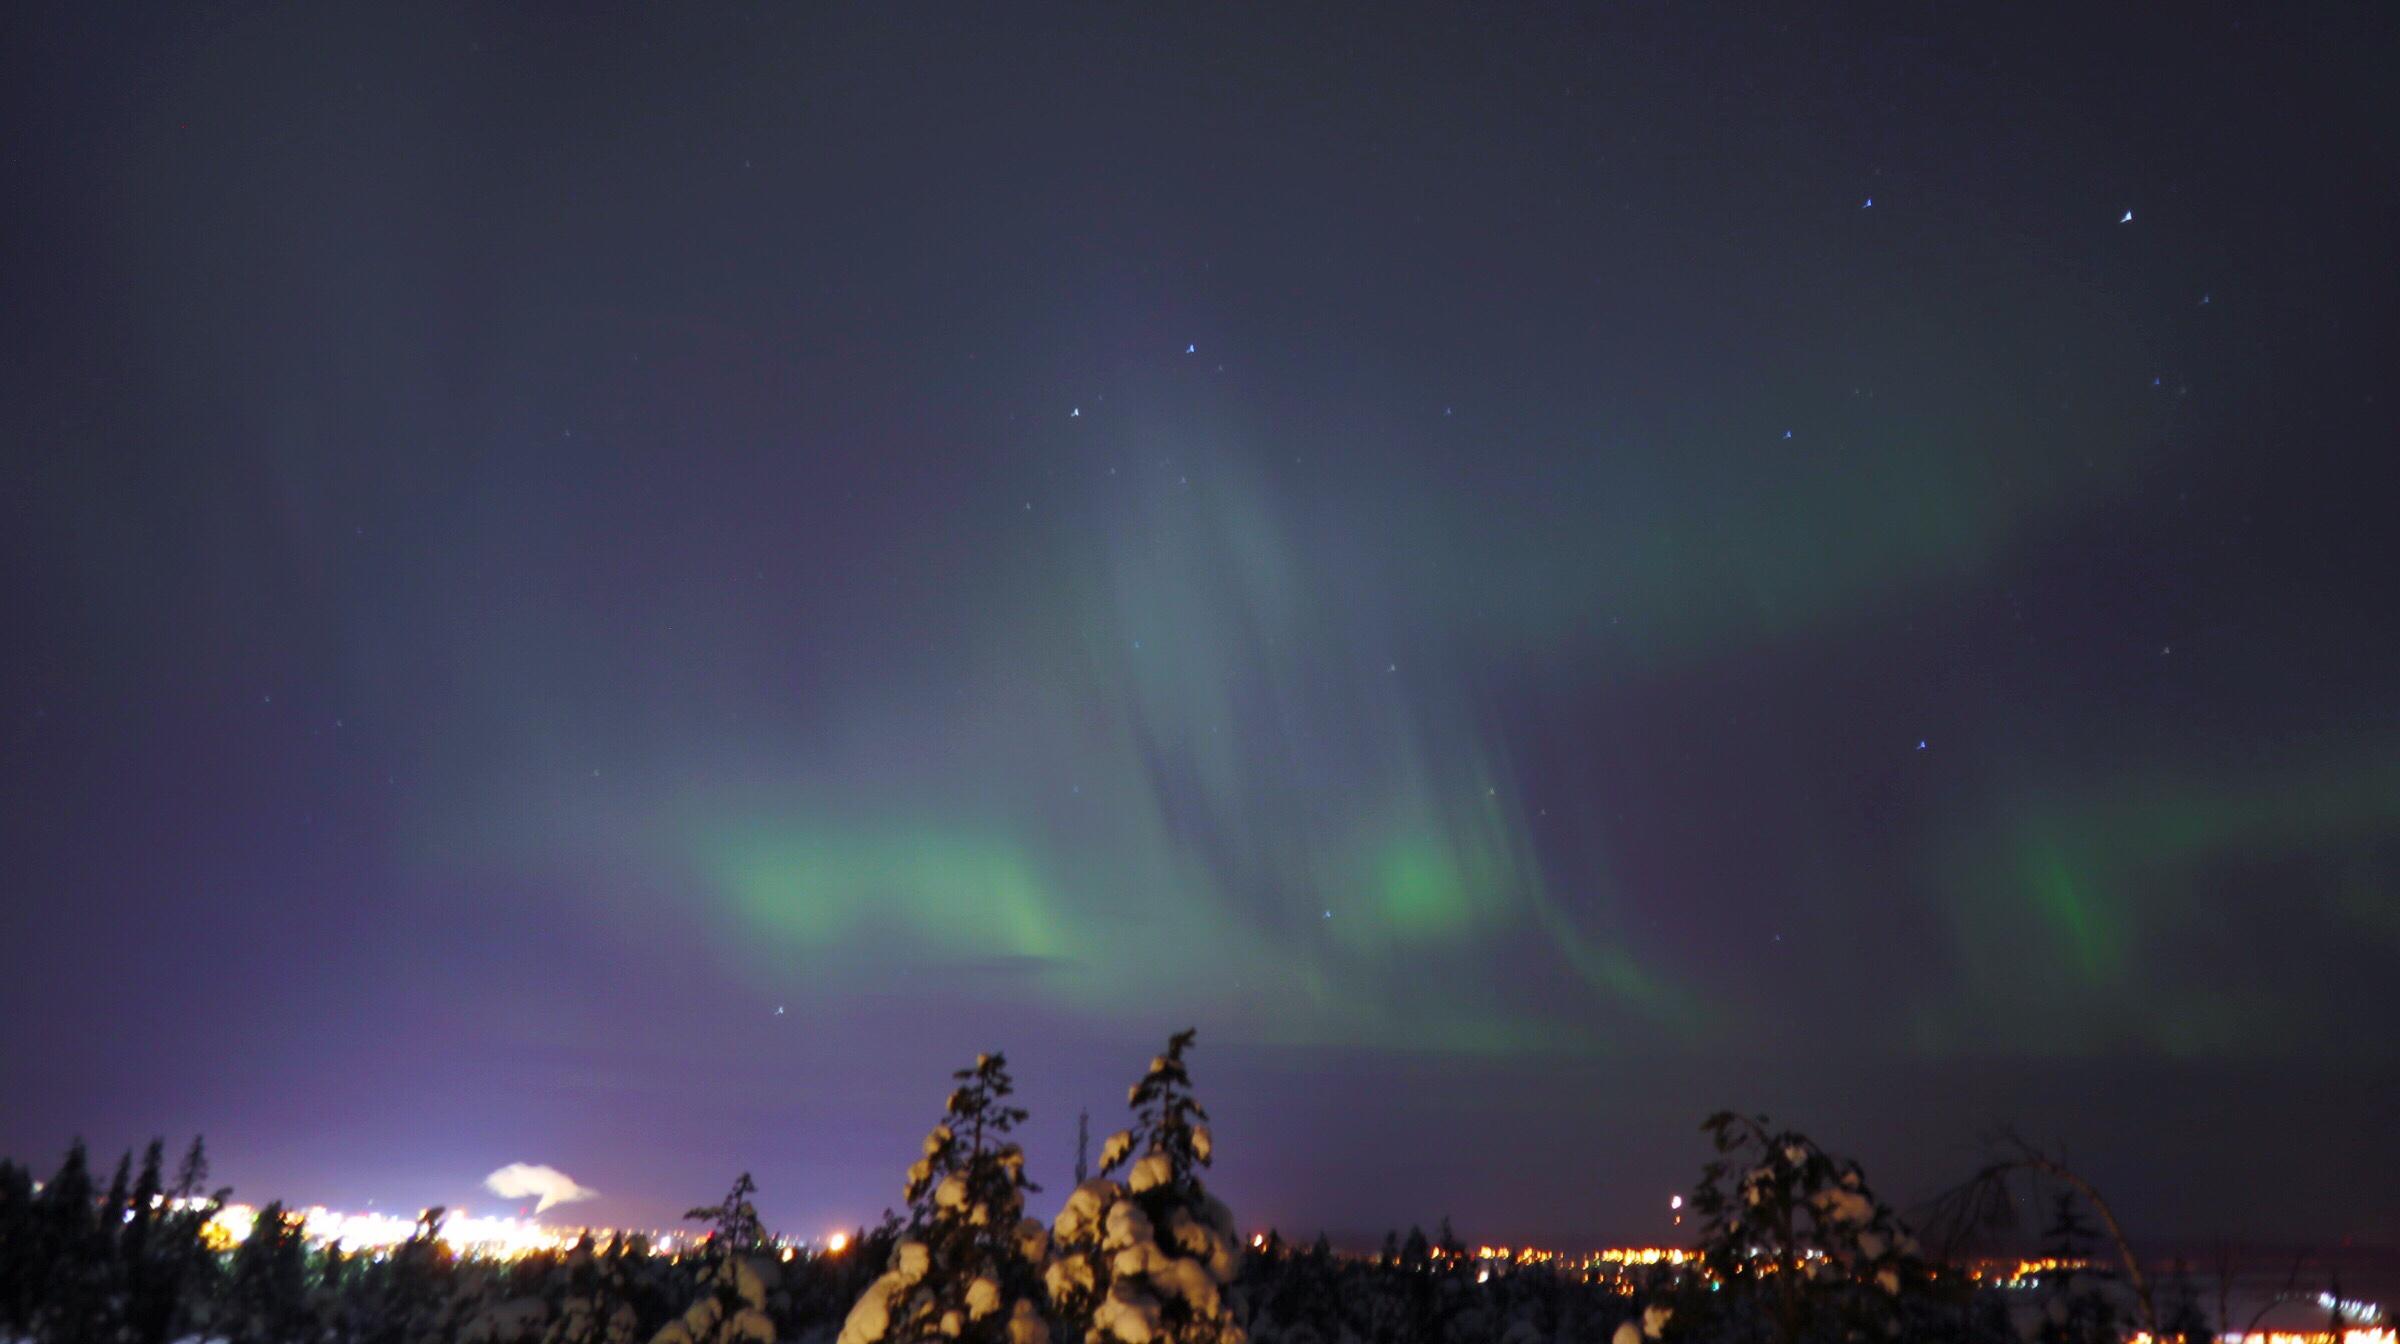 【フィンランド】ロヴァニエミでオーロラを見よう!【オーロラ】